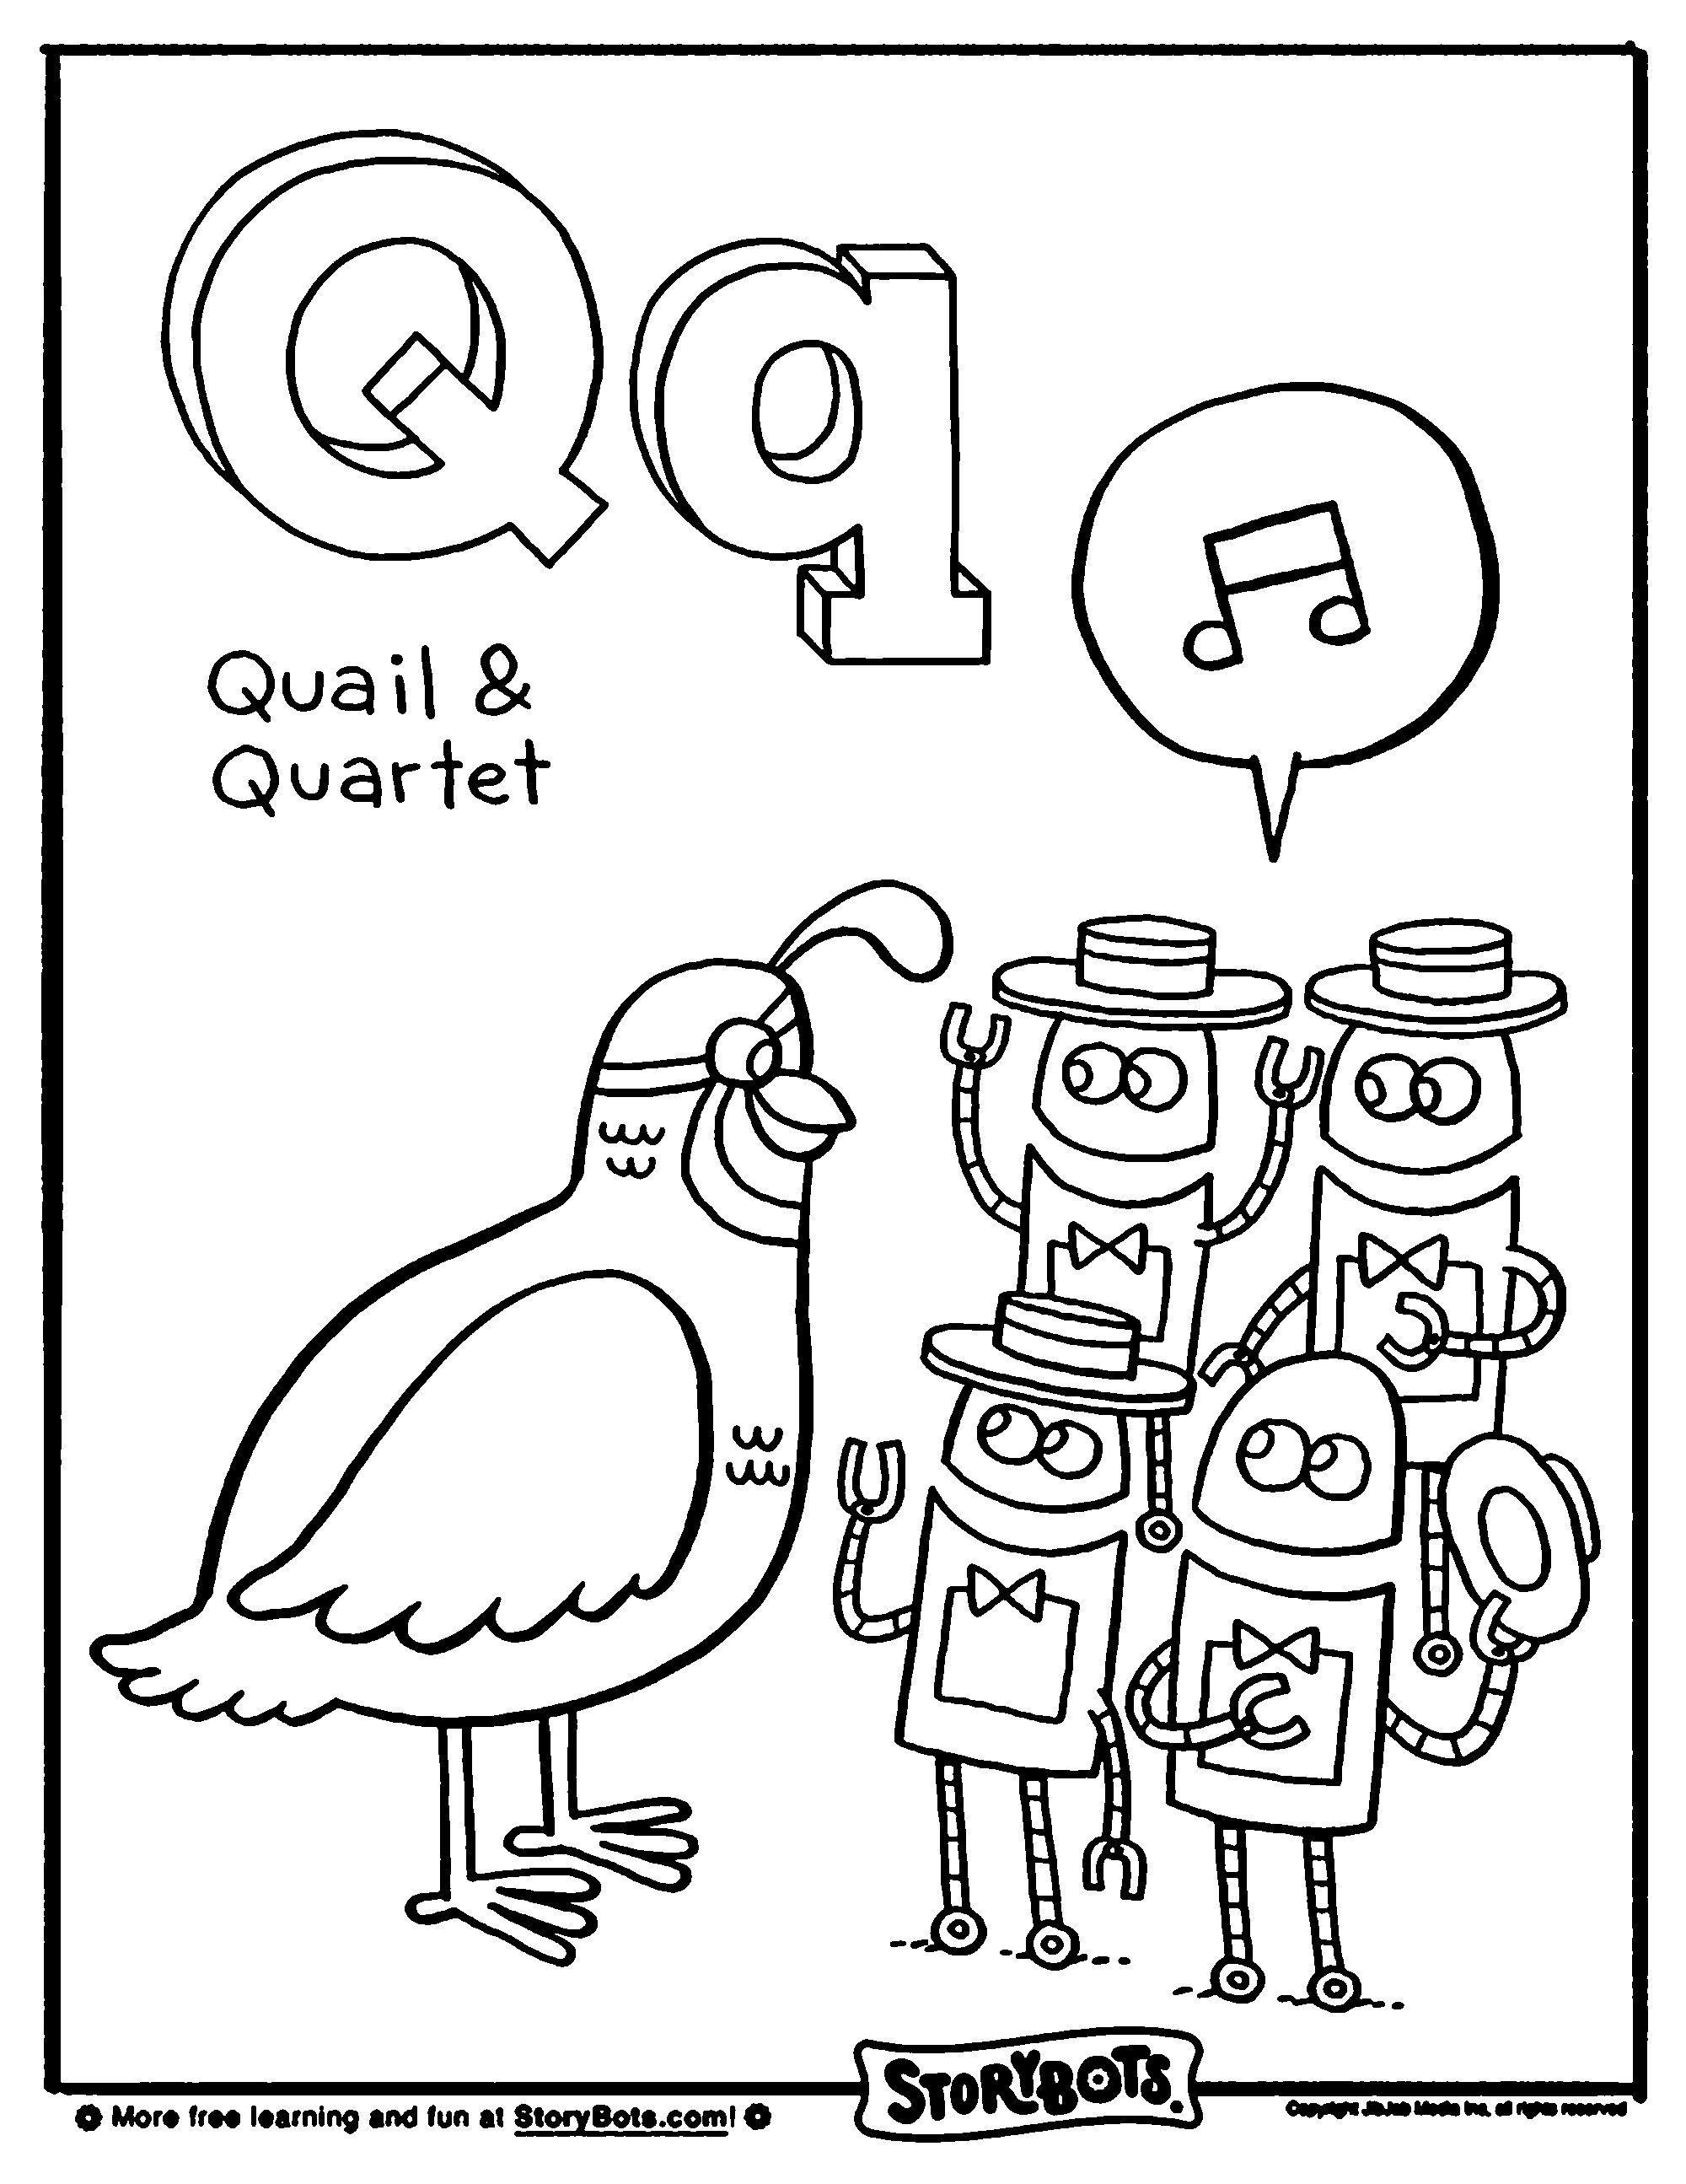 Letter Q Alphabet coloring pages, Alphabet coloring